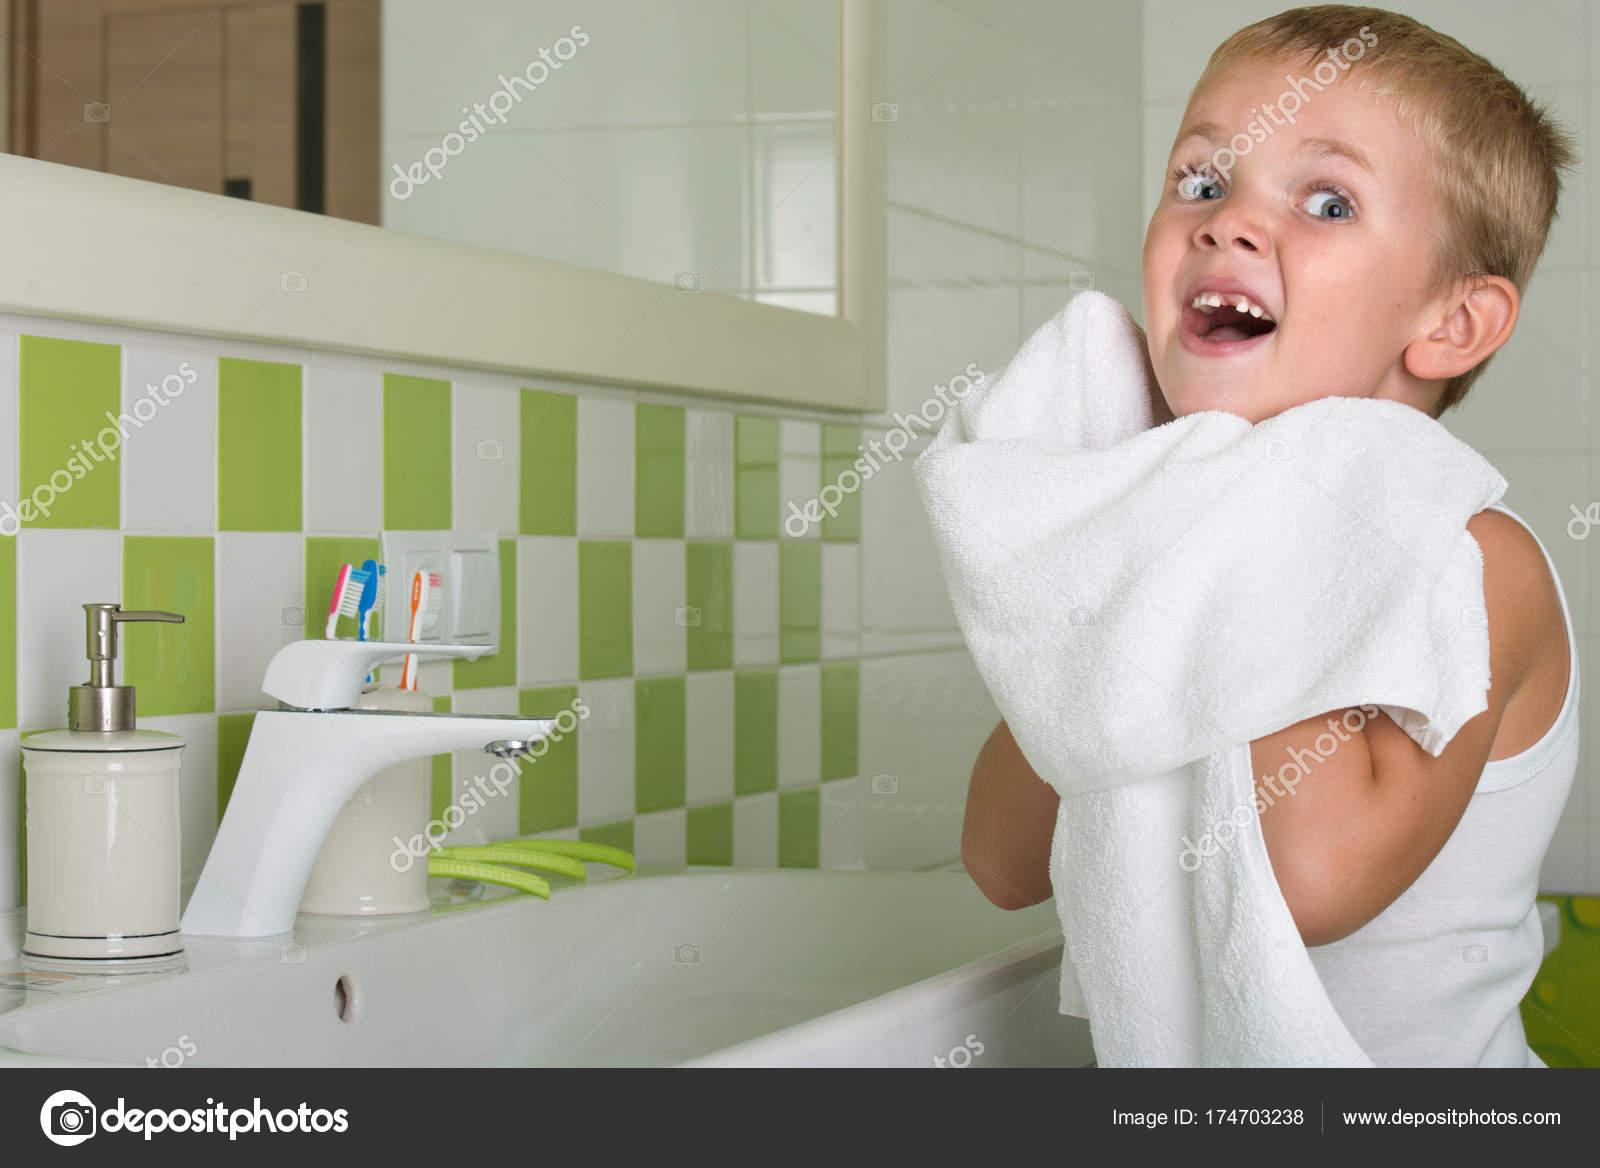 Bagno Con Un Ragazzo : Un ragazzo si lava la faccia pulisce il viso con un asciugamano